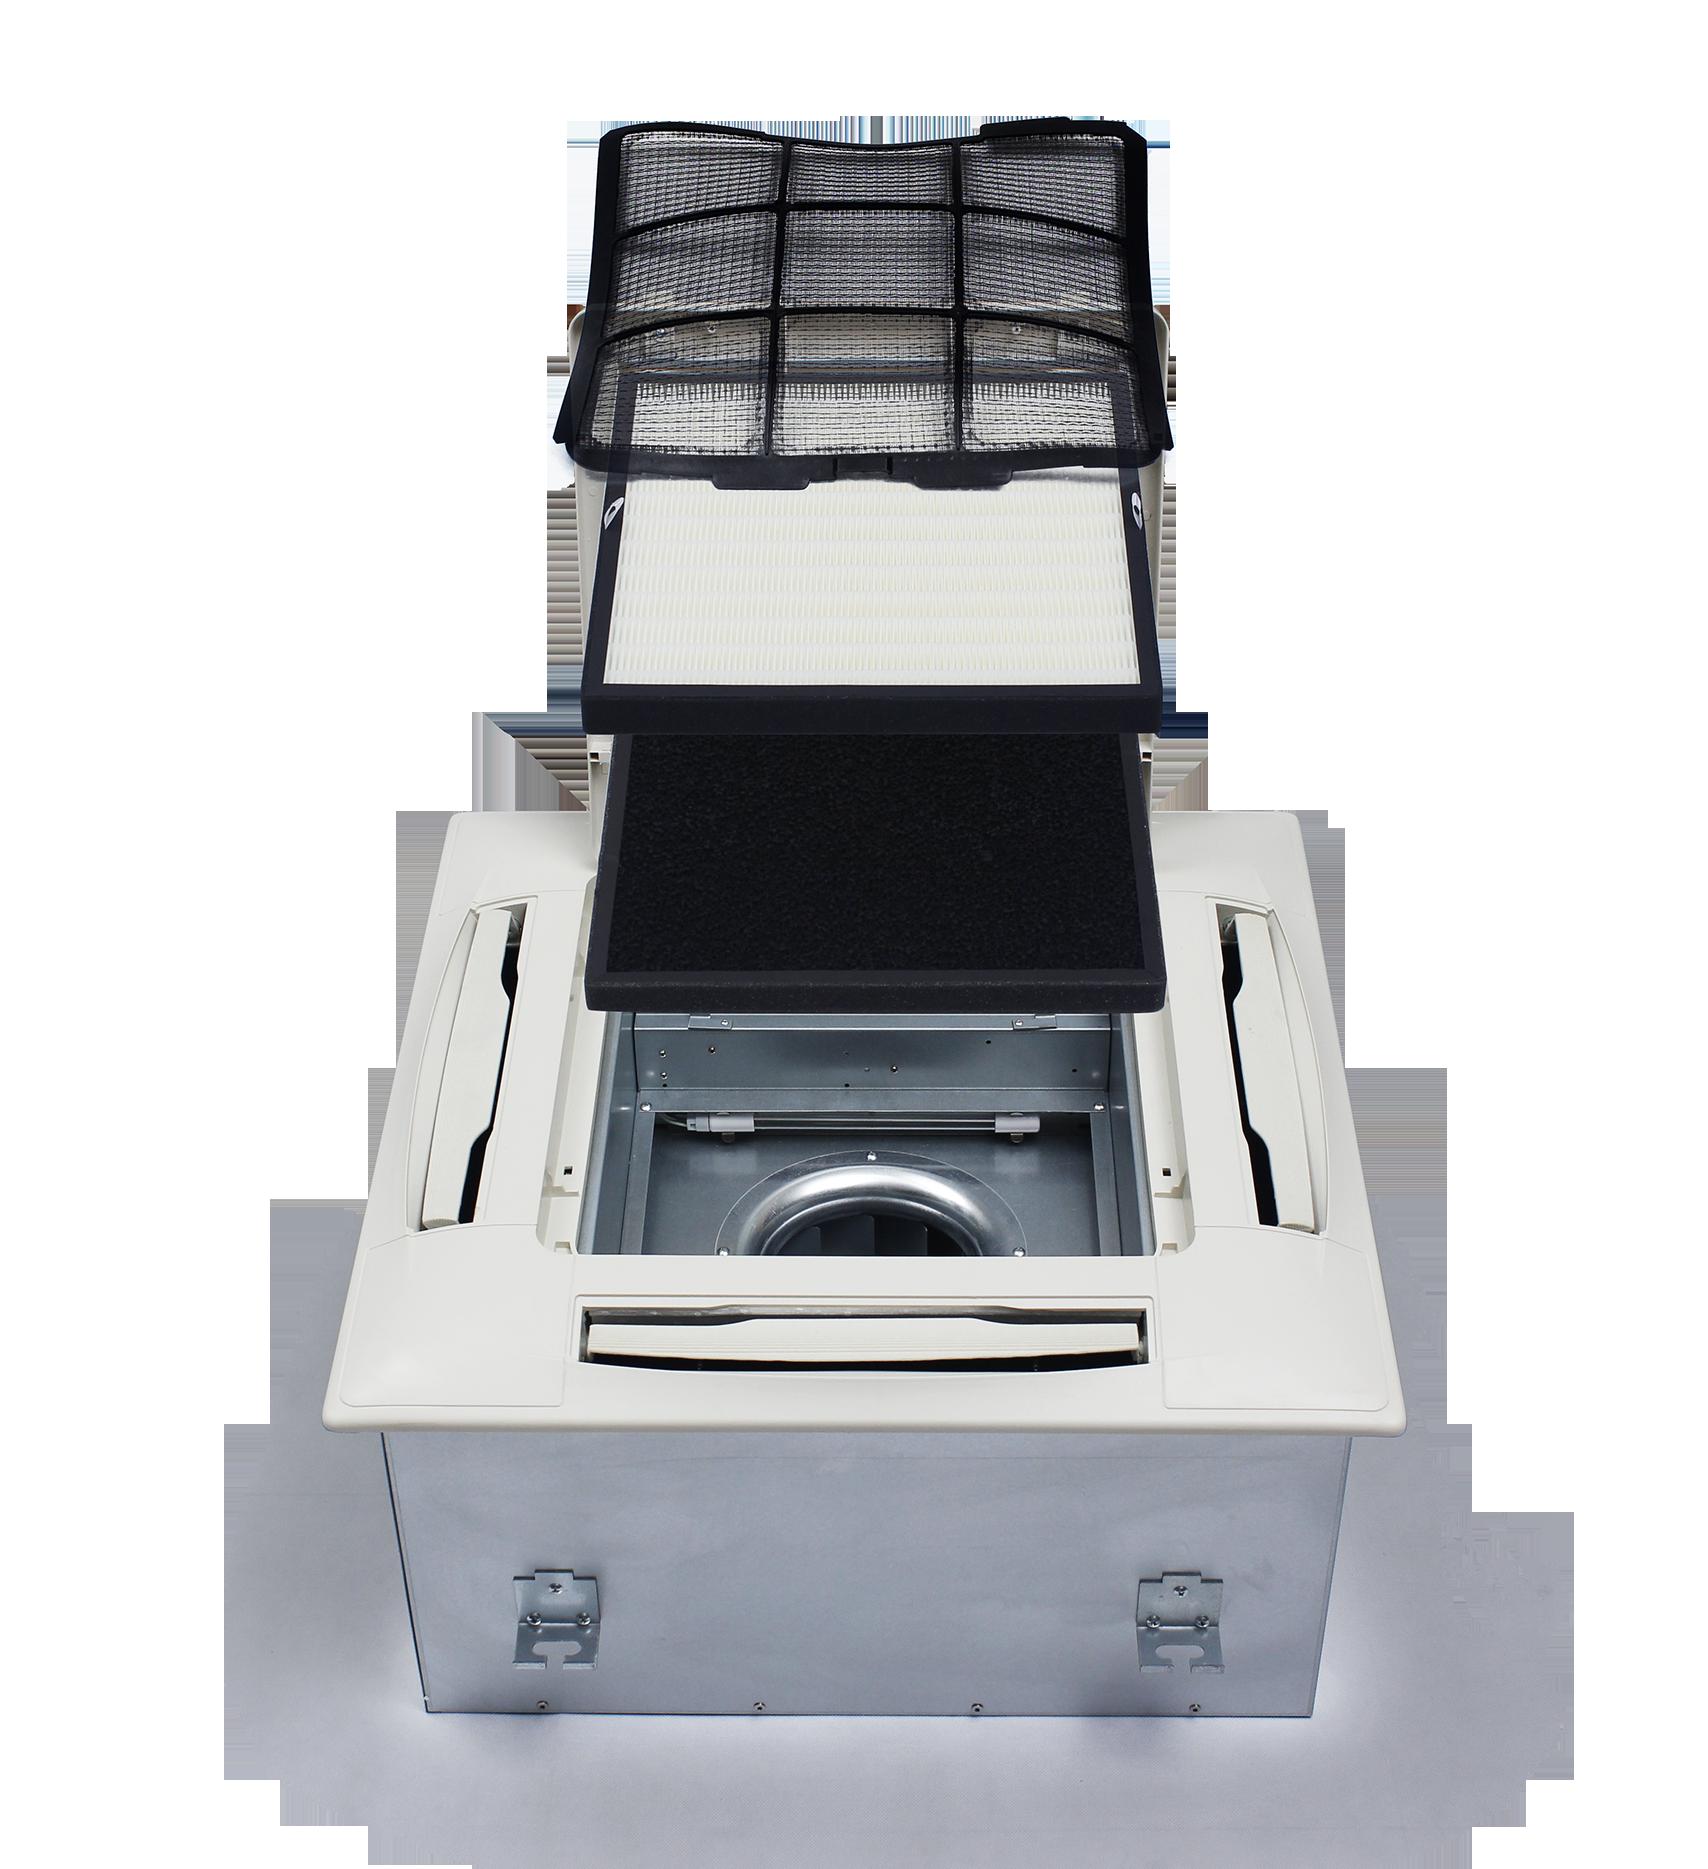 เครื่องฟอกอากาศรุ่นแขวนฝ้า cra 350 QUAD มีระบบไส้กรองหลายขั้นตอน ตั้งแต่กรองฝุ่นหยาบด้วย pre filter กรองฝุ่นละเอียดด้วยระบบ Electrostatic Precipitation (ESP) ร่วมกับ HEPA filter สามารถดักจับฝุ่นละเอียดระดับ PM 2.5 ได้มากกว่า 99% และ กรองกลิ่นและสารเคมีด้วย Activated carbon filter